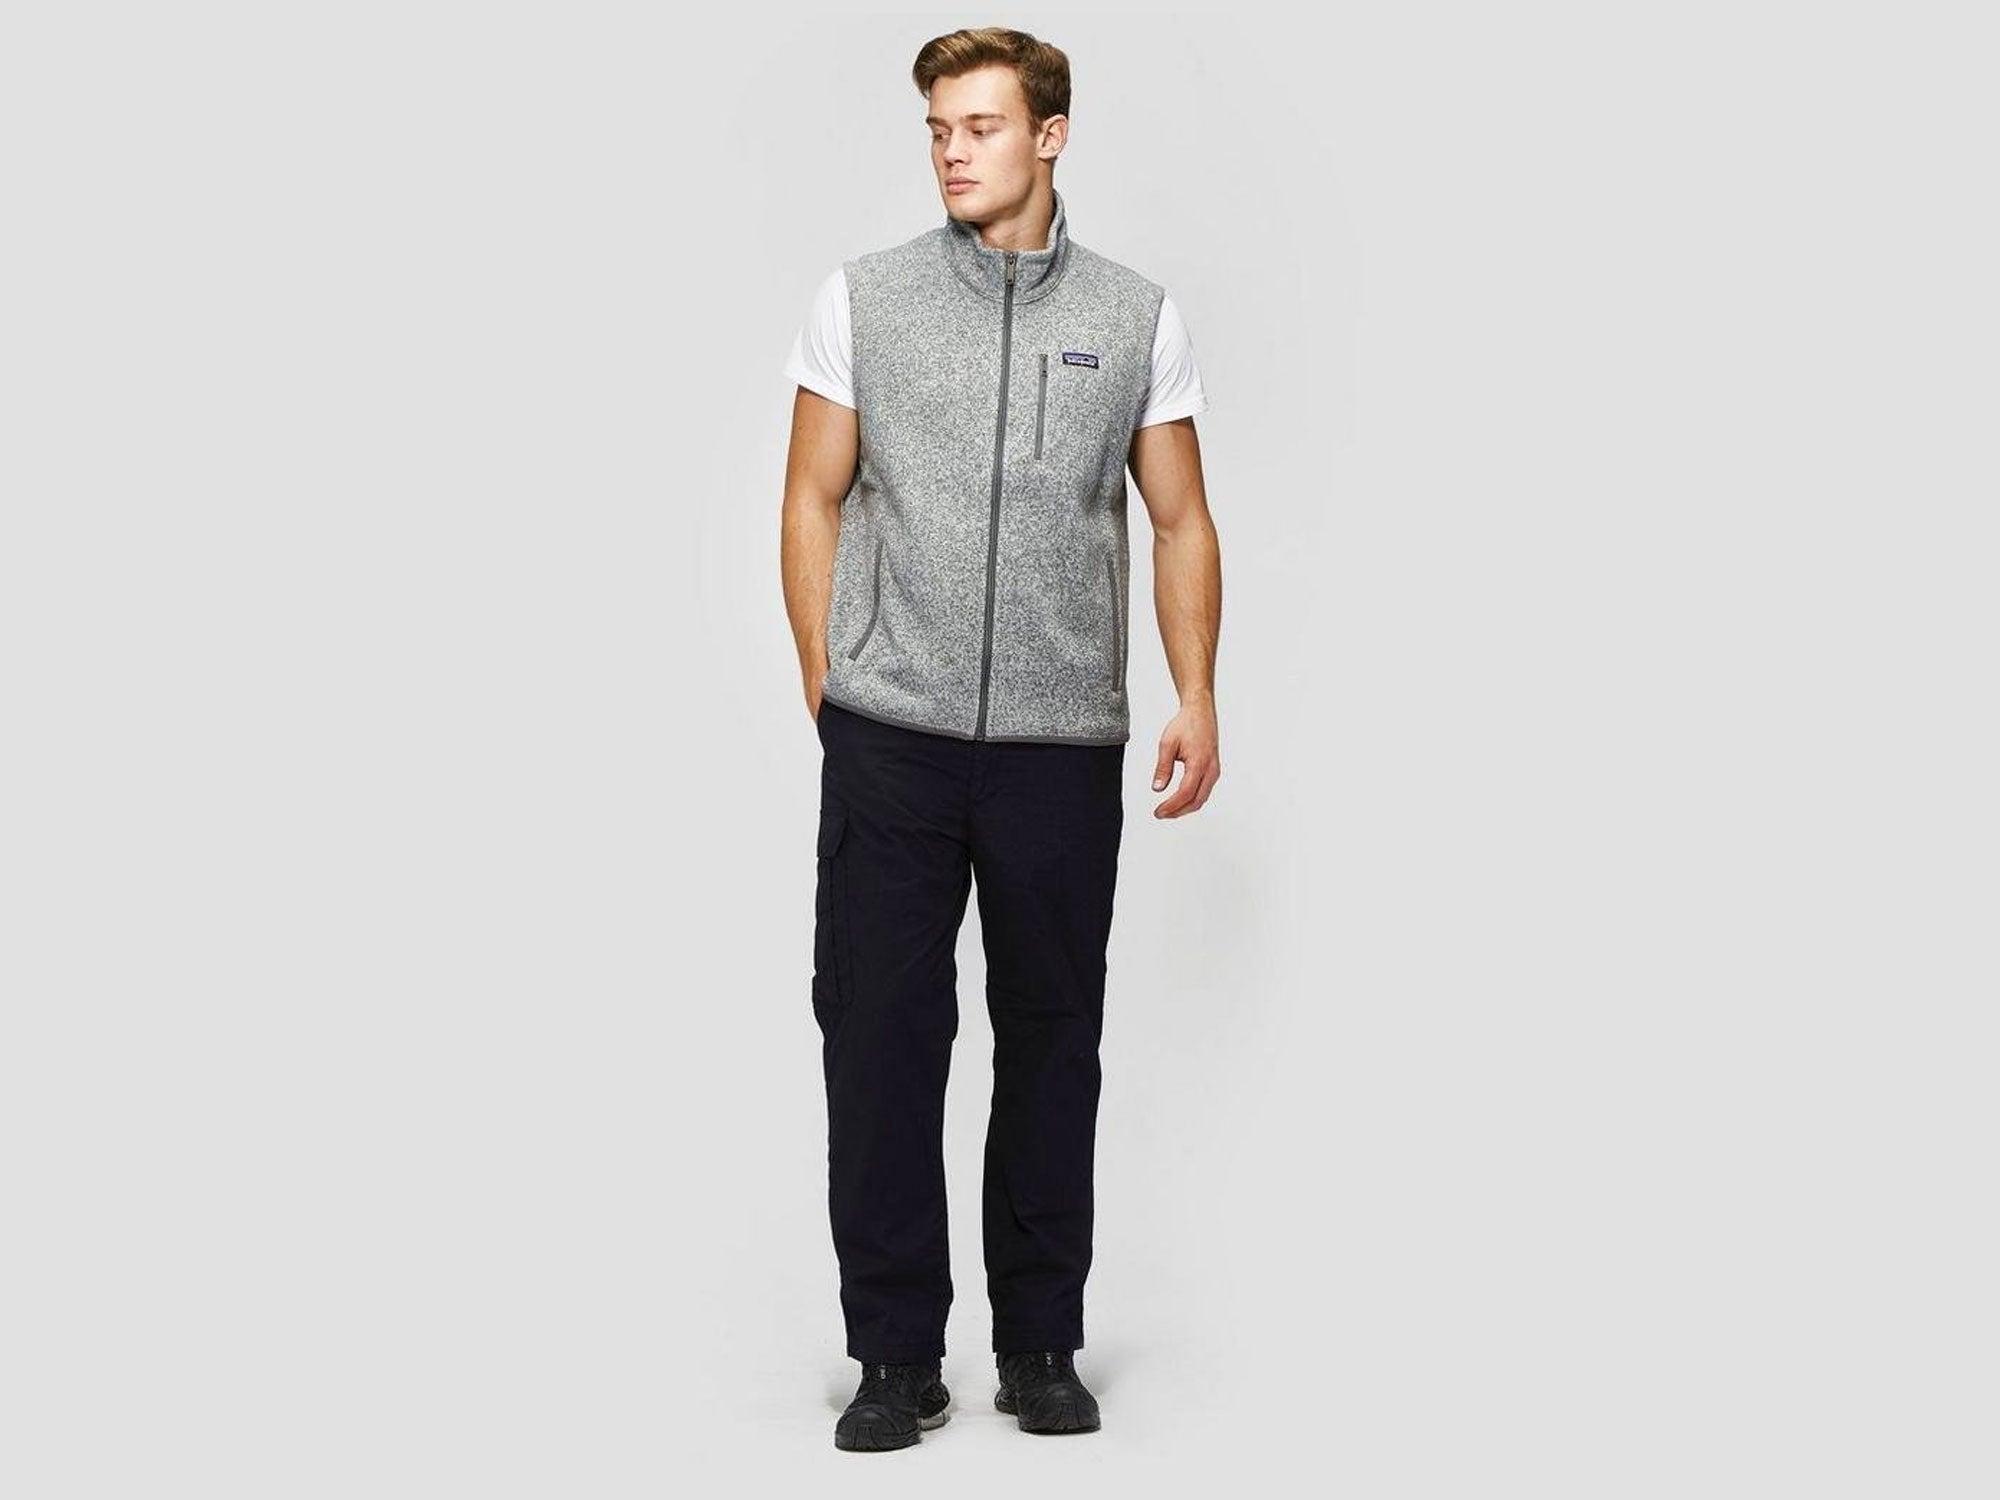 Man wearing light grey Patagonia fleece vest